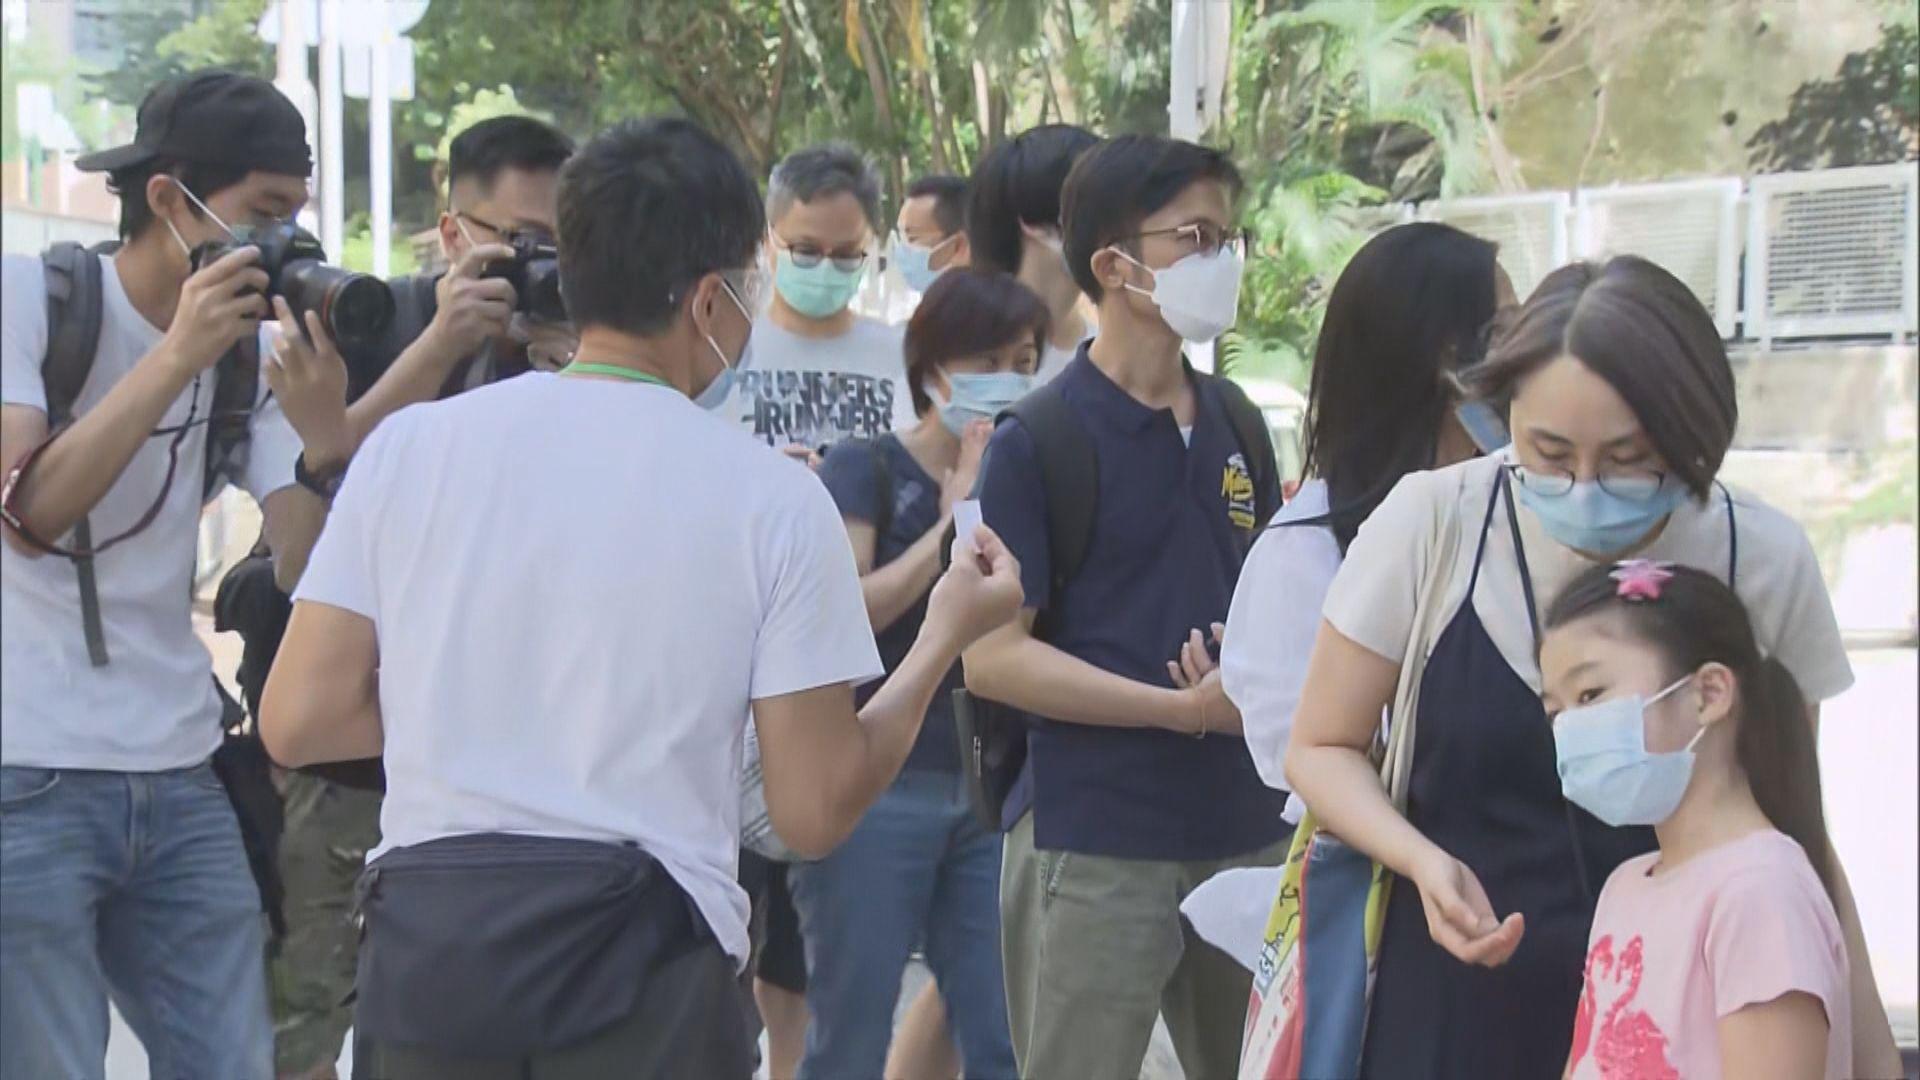 葵青區臨時檢測中心開放 門外大排長龍